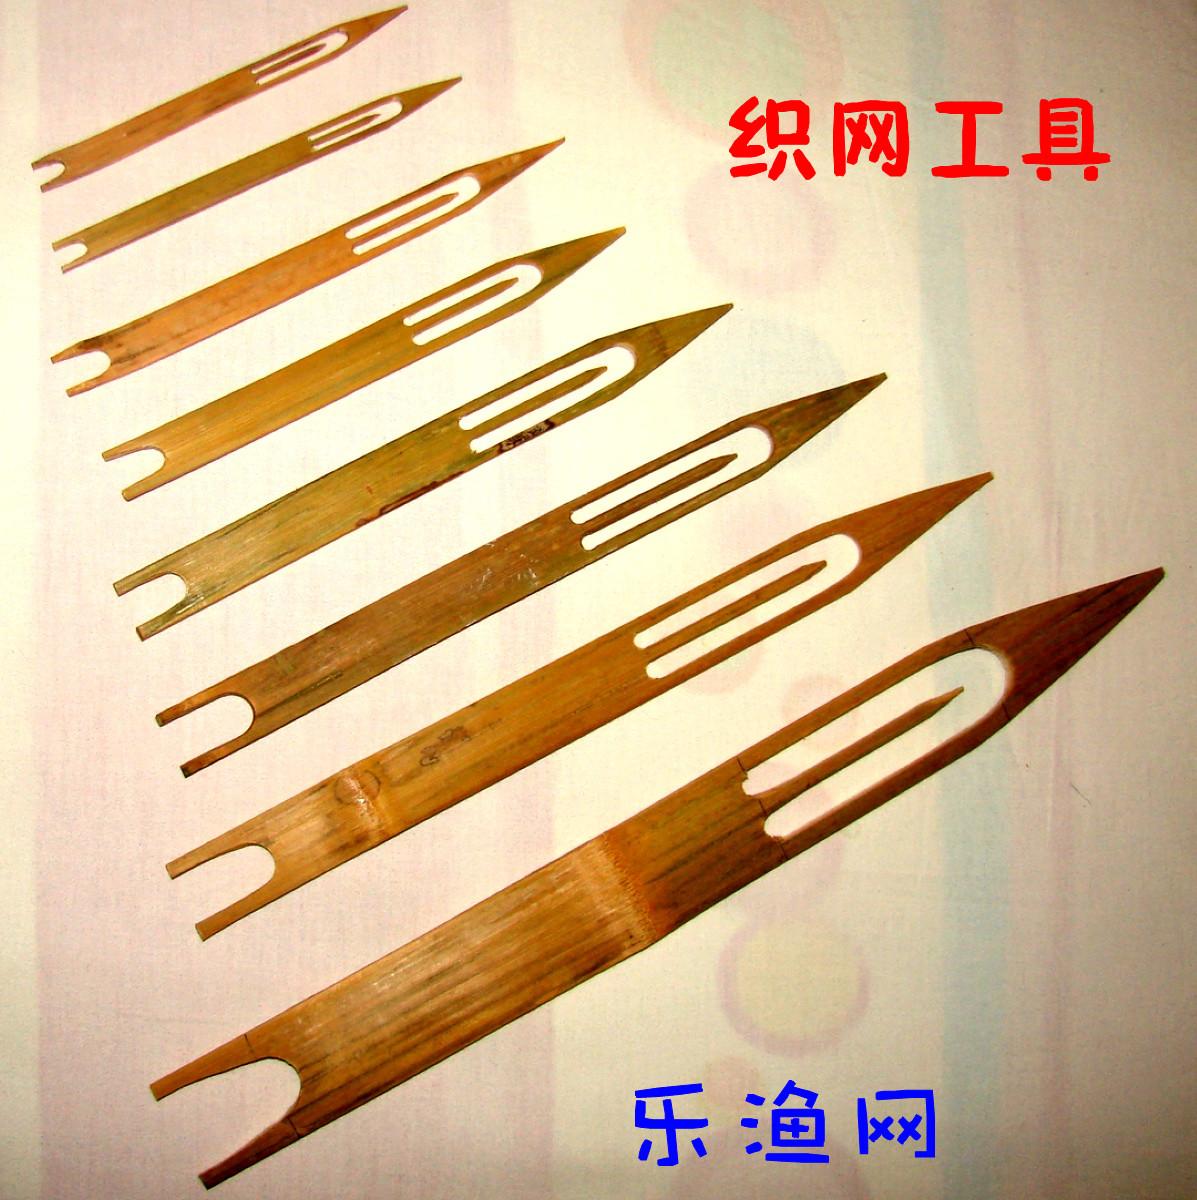 Челнок для вязания сеток 79